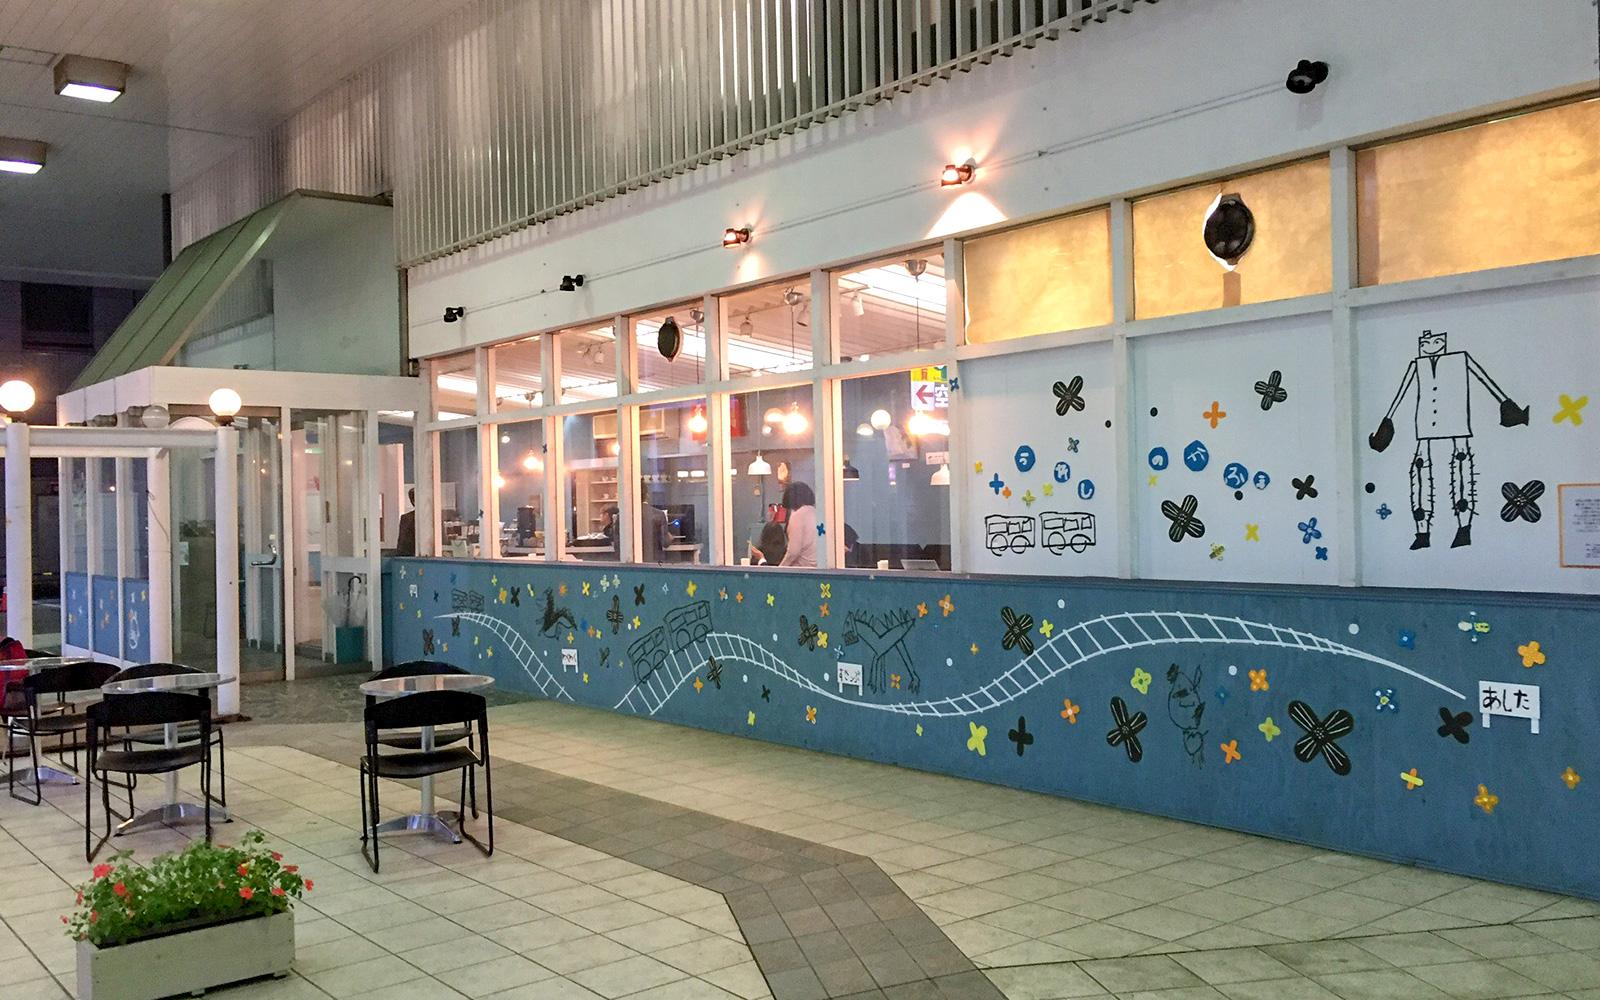 鉄道弘済会「うれしのカフェ」壁画